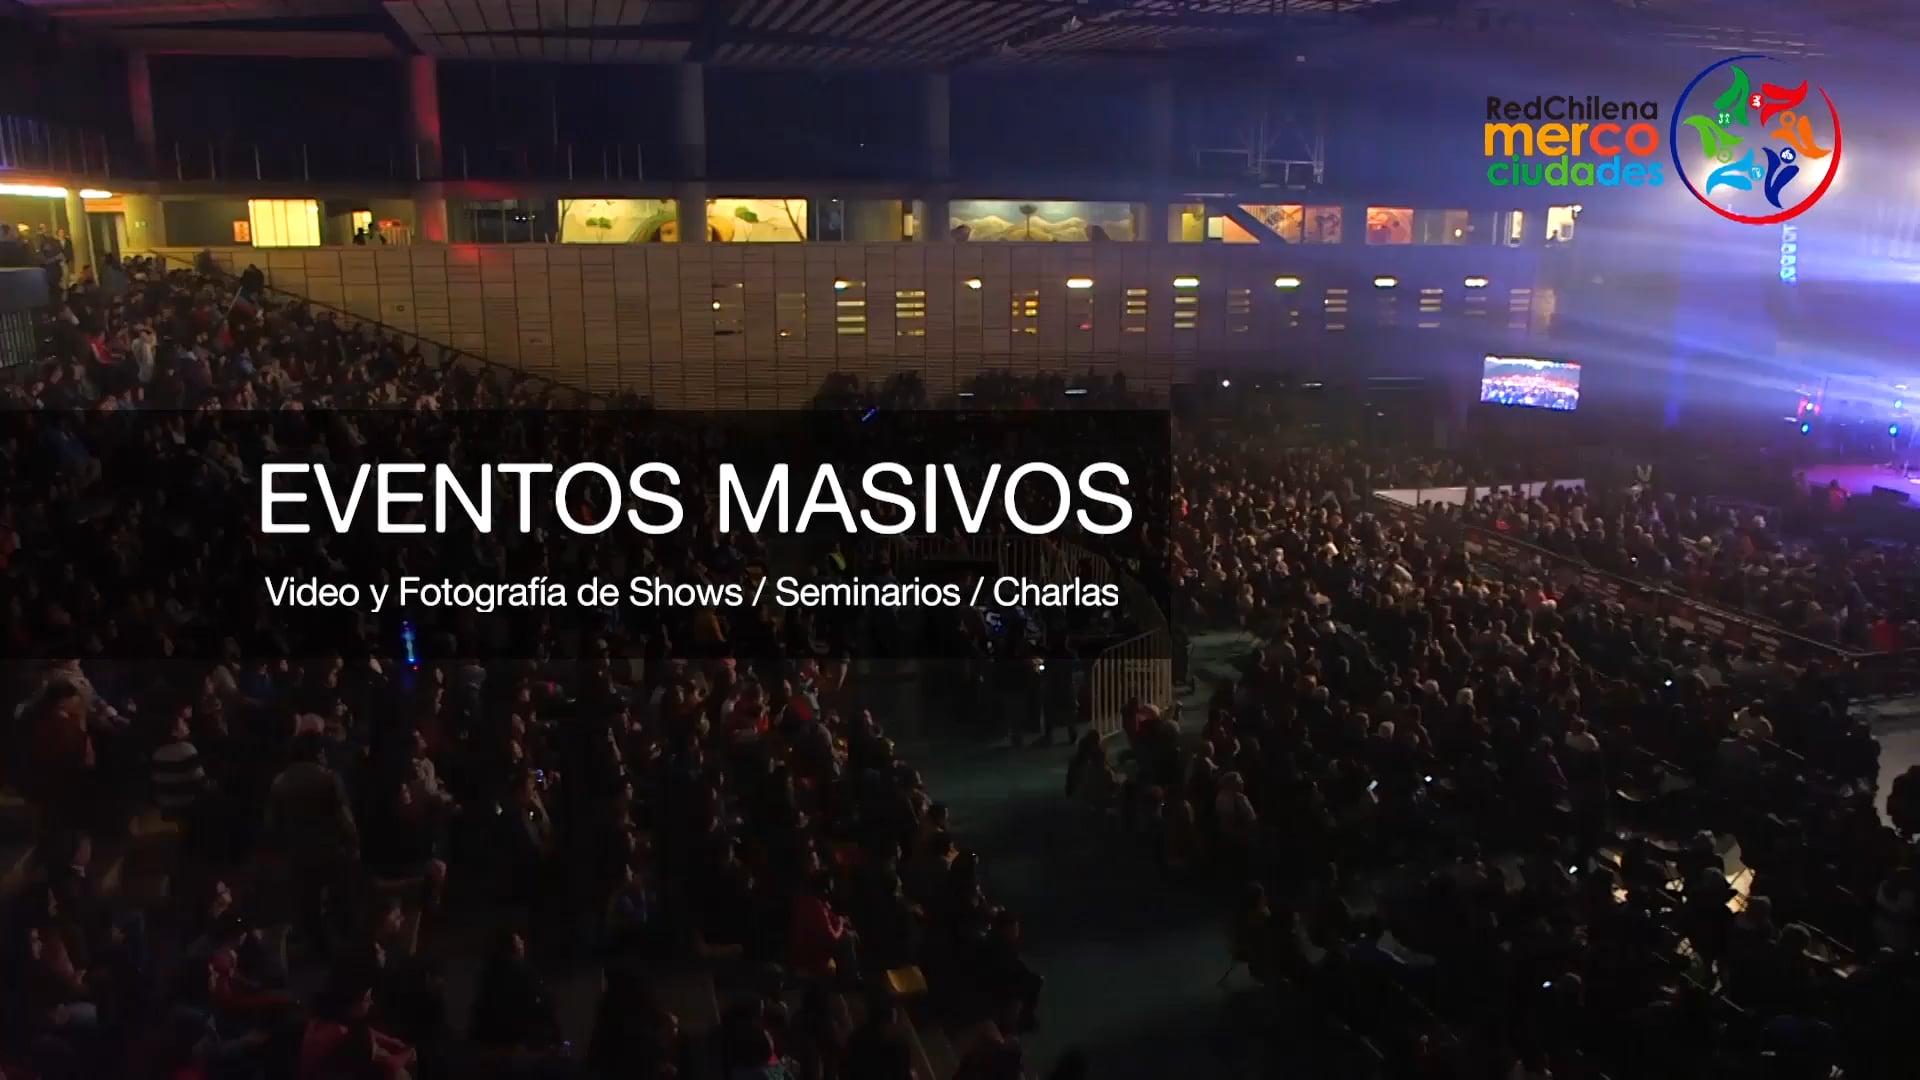 Eventos Masivos: Video y Fotografía de Festivales, Seminarios y Charlas